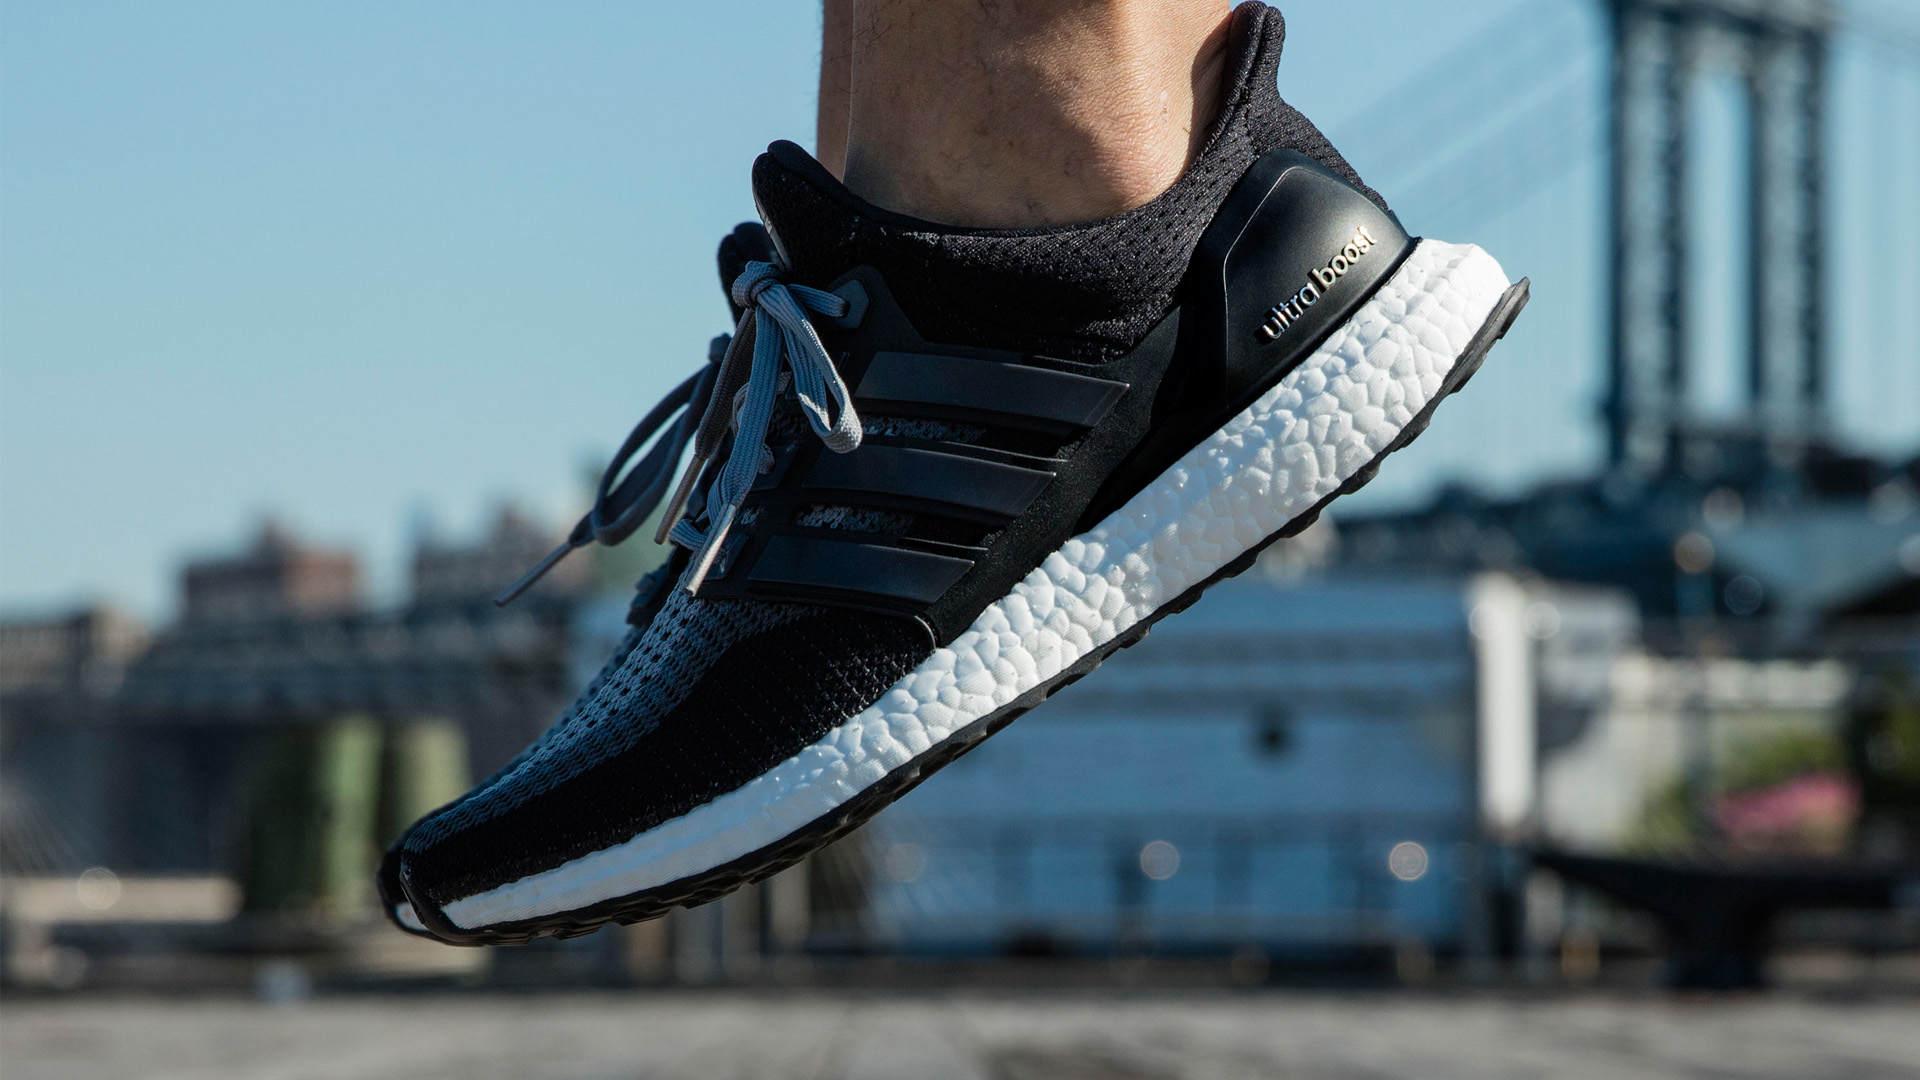 La nueva zapatilla está hecha de materiales reciclados y pretende volverse el futuro de la marca